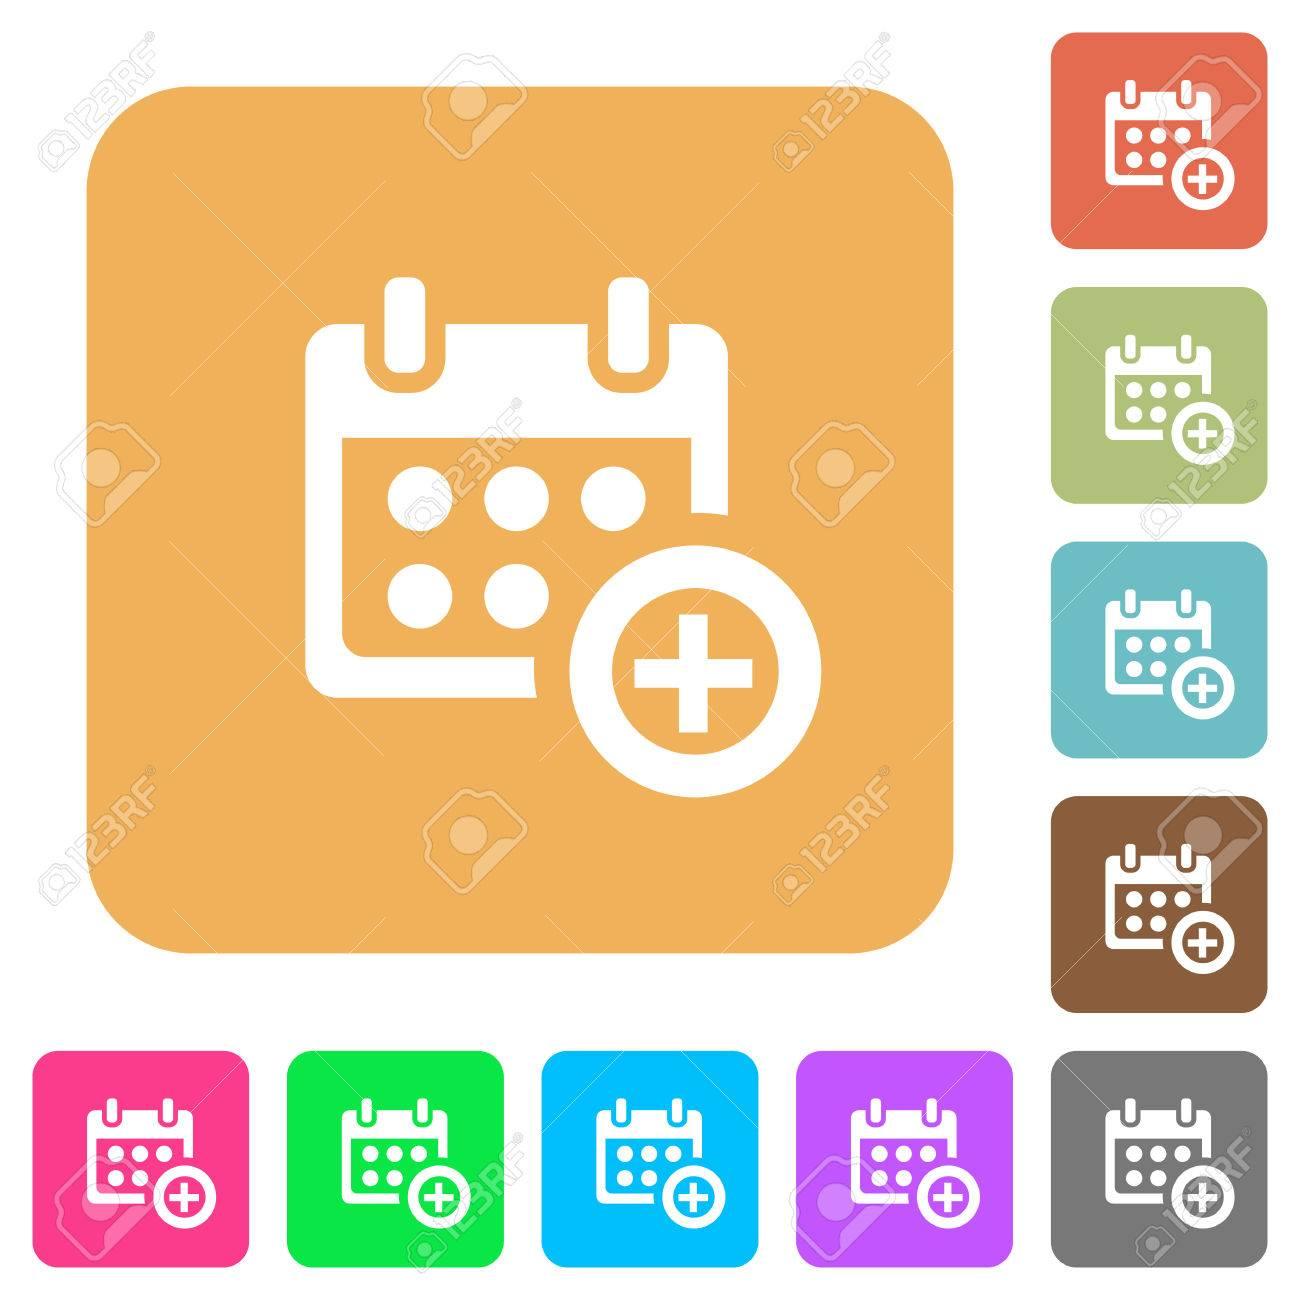 Anadir Calendario.Anadir Al Calendario Iconos Planos Sobre Redondeados Cuadrados Fondos De Colores Vivos